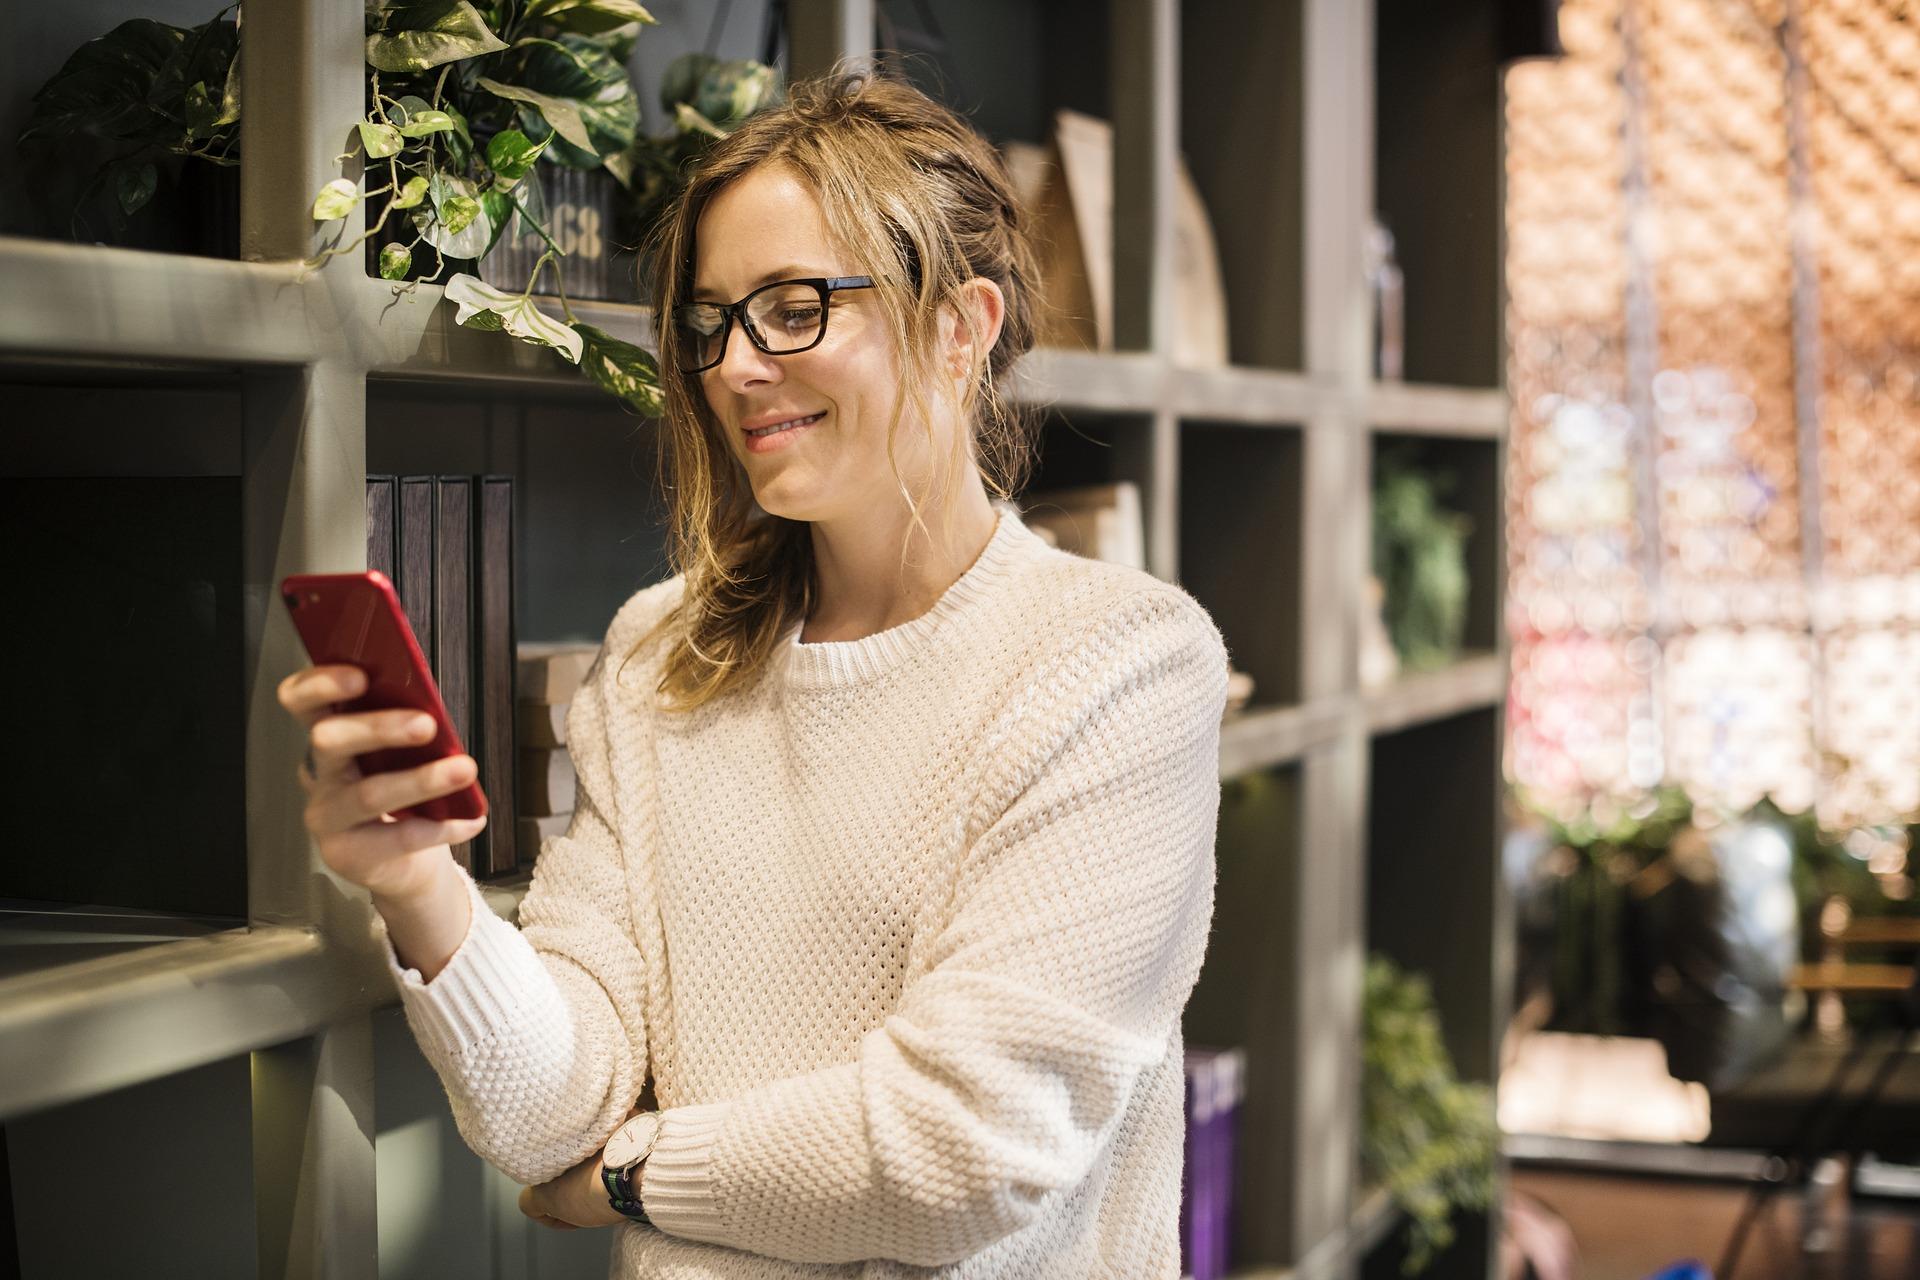 Peut-on se fier à la voyance par SMS ?